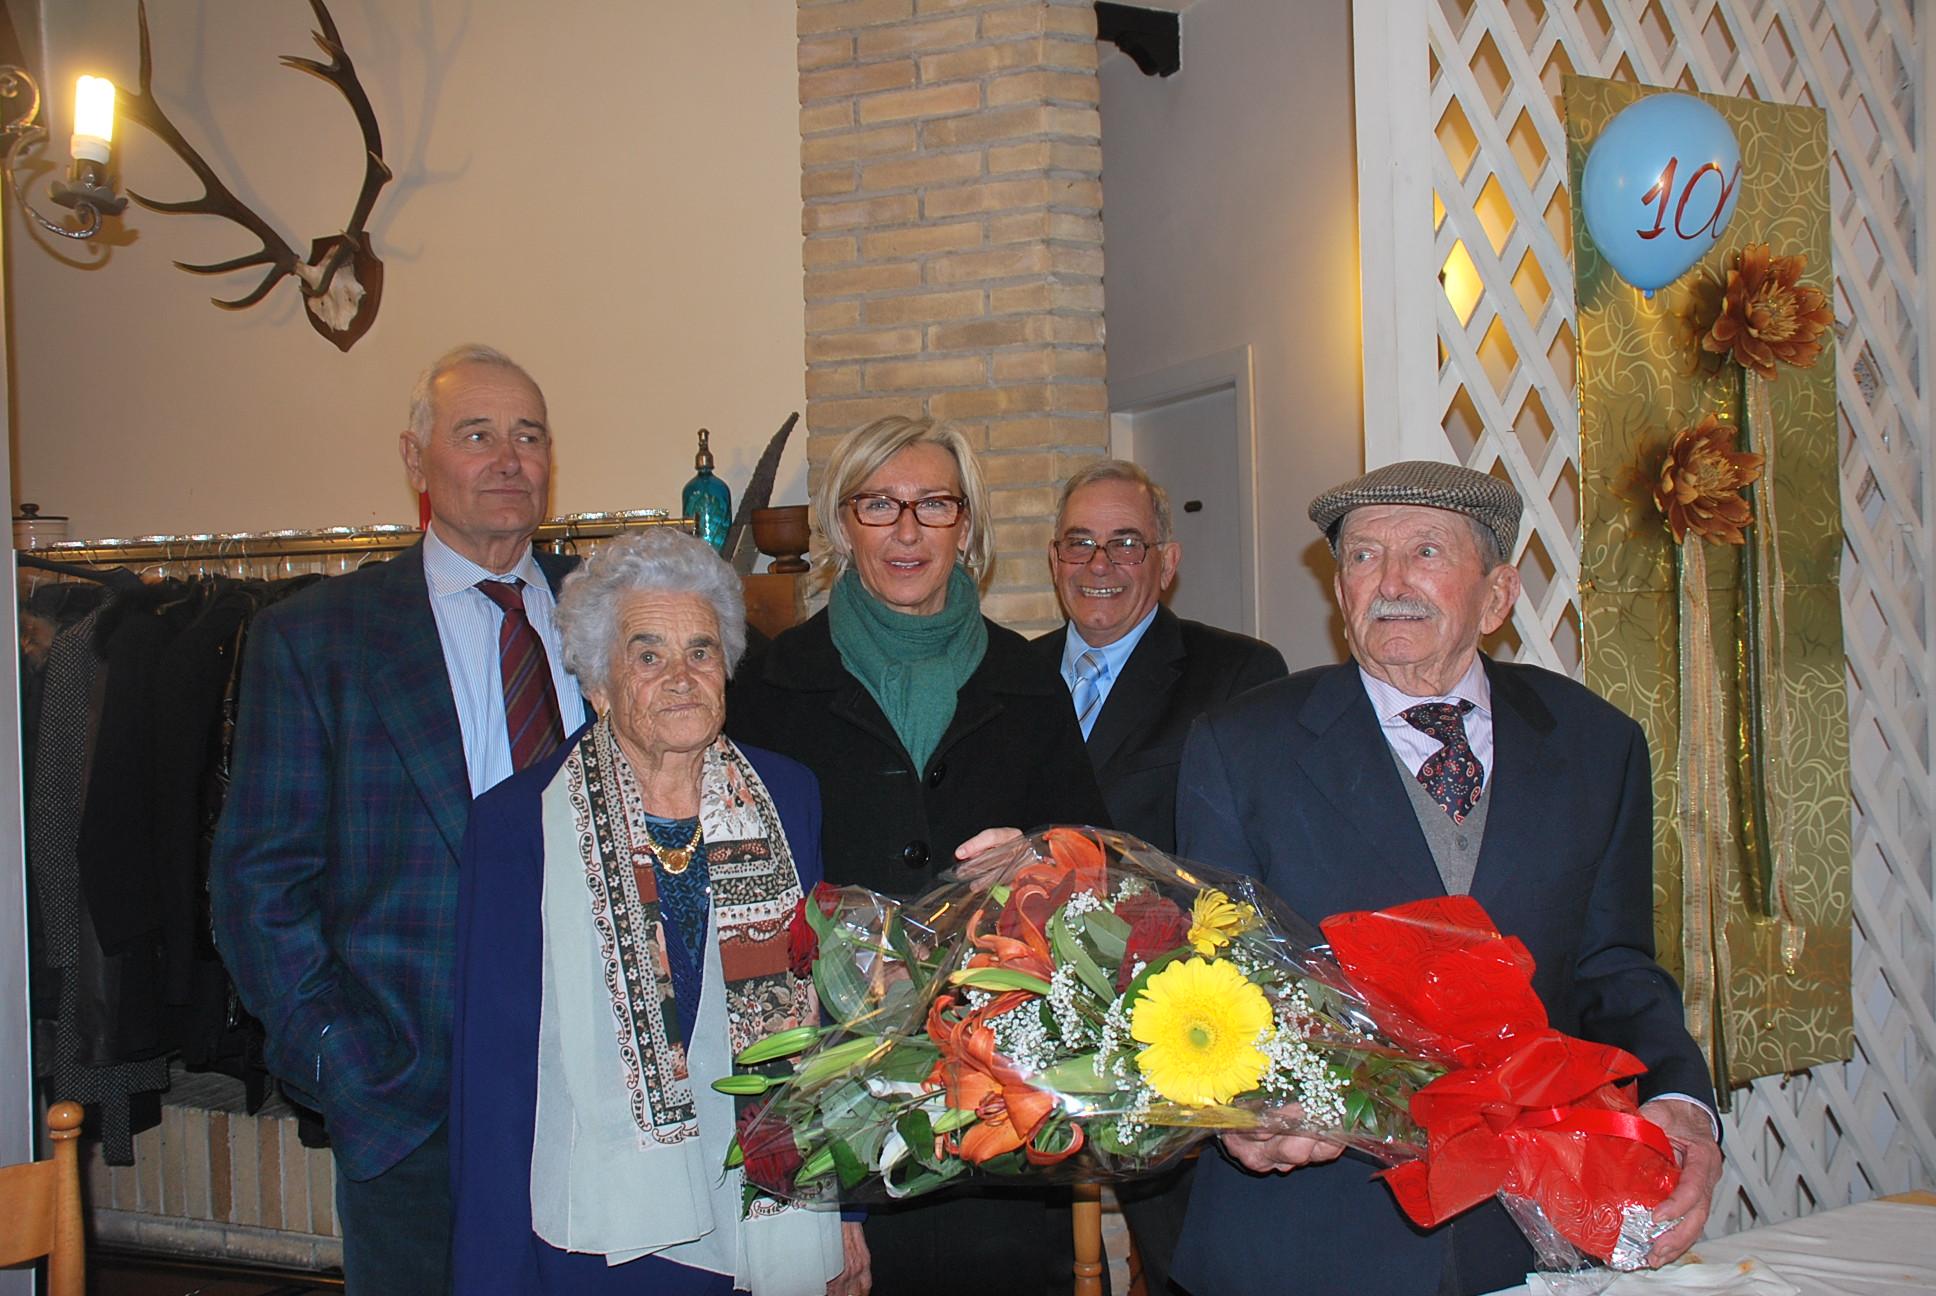 Federico Piunti con la moglie, i figli e l'assessore Sorge